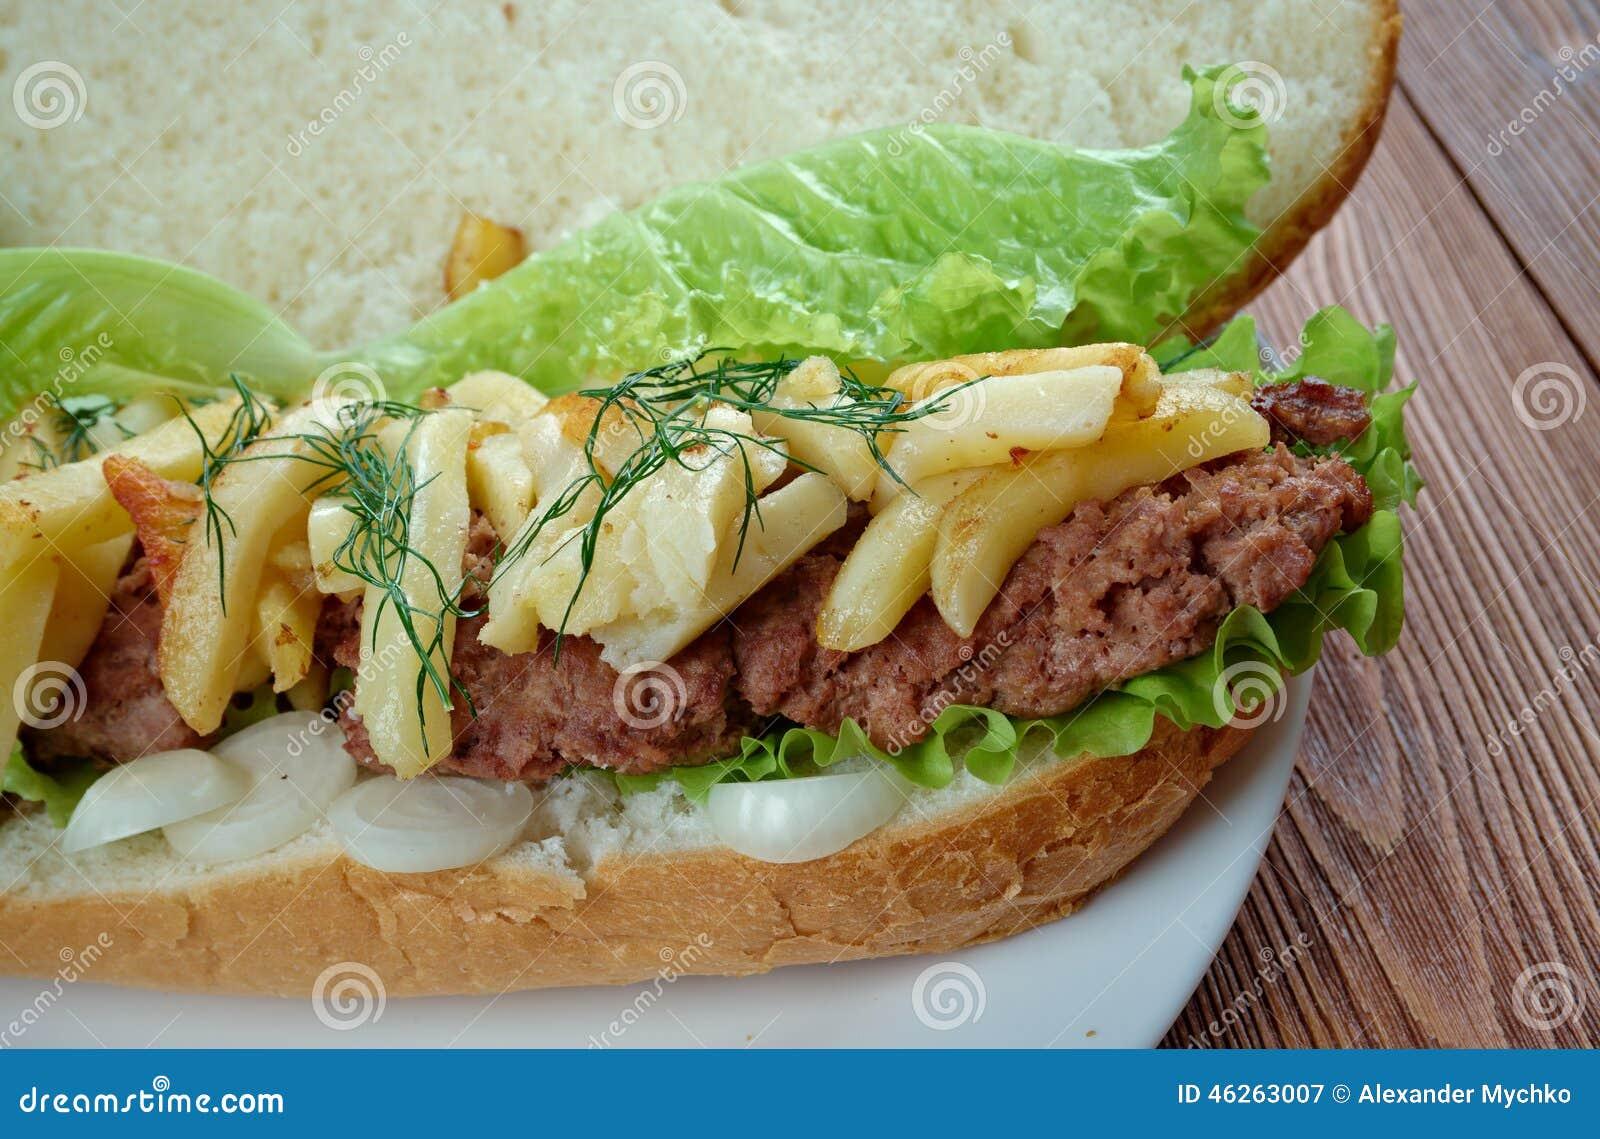 Gatsby sandwich best sandwich 2017 for Golden fish chicken milwaukee wi